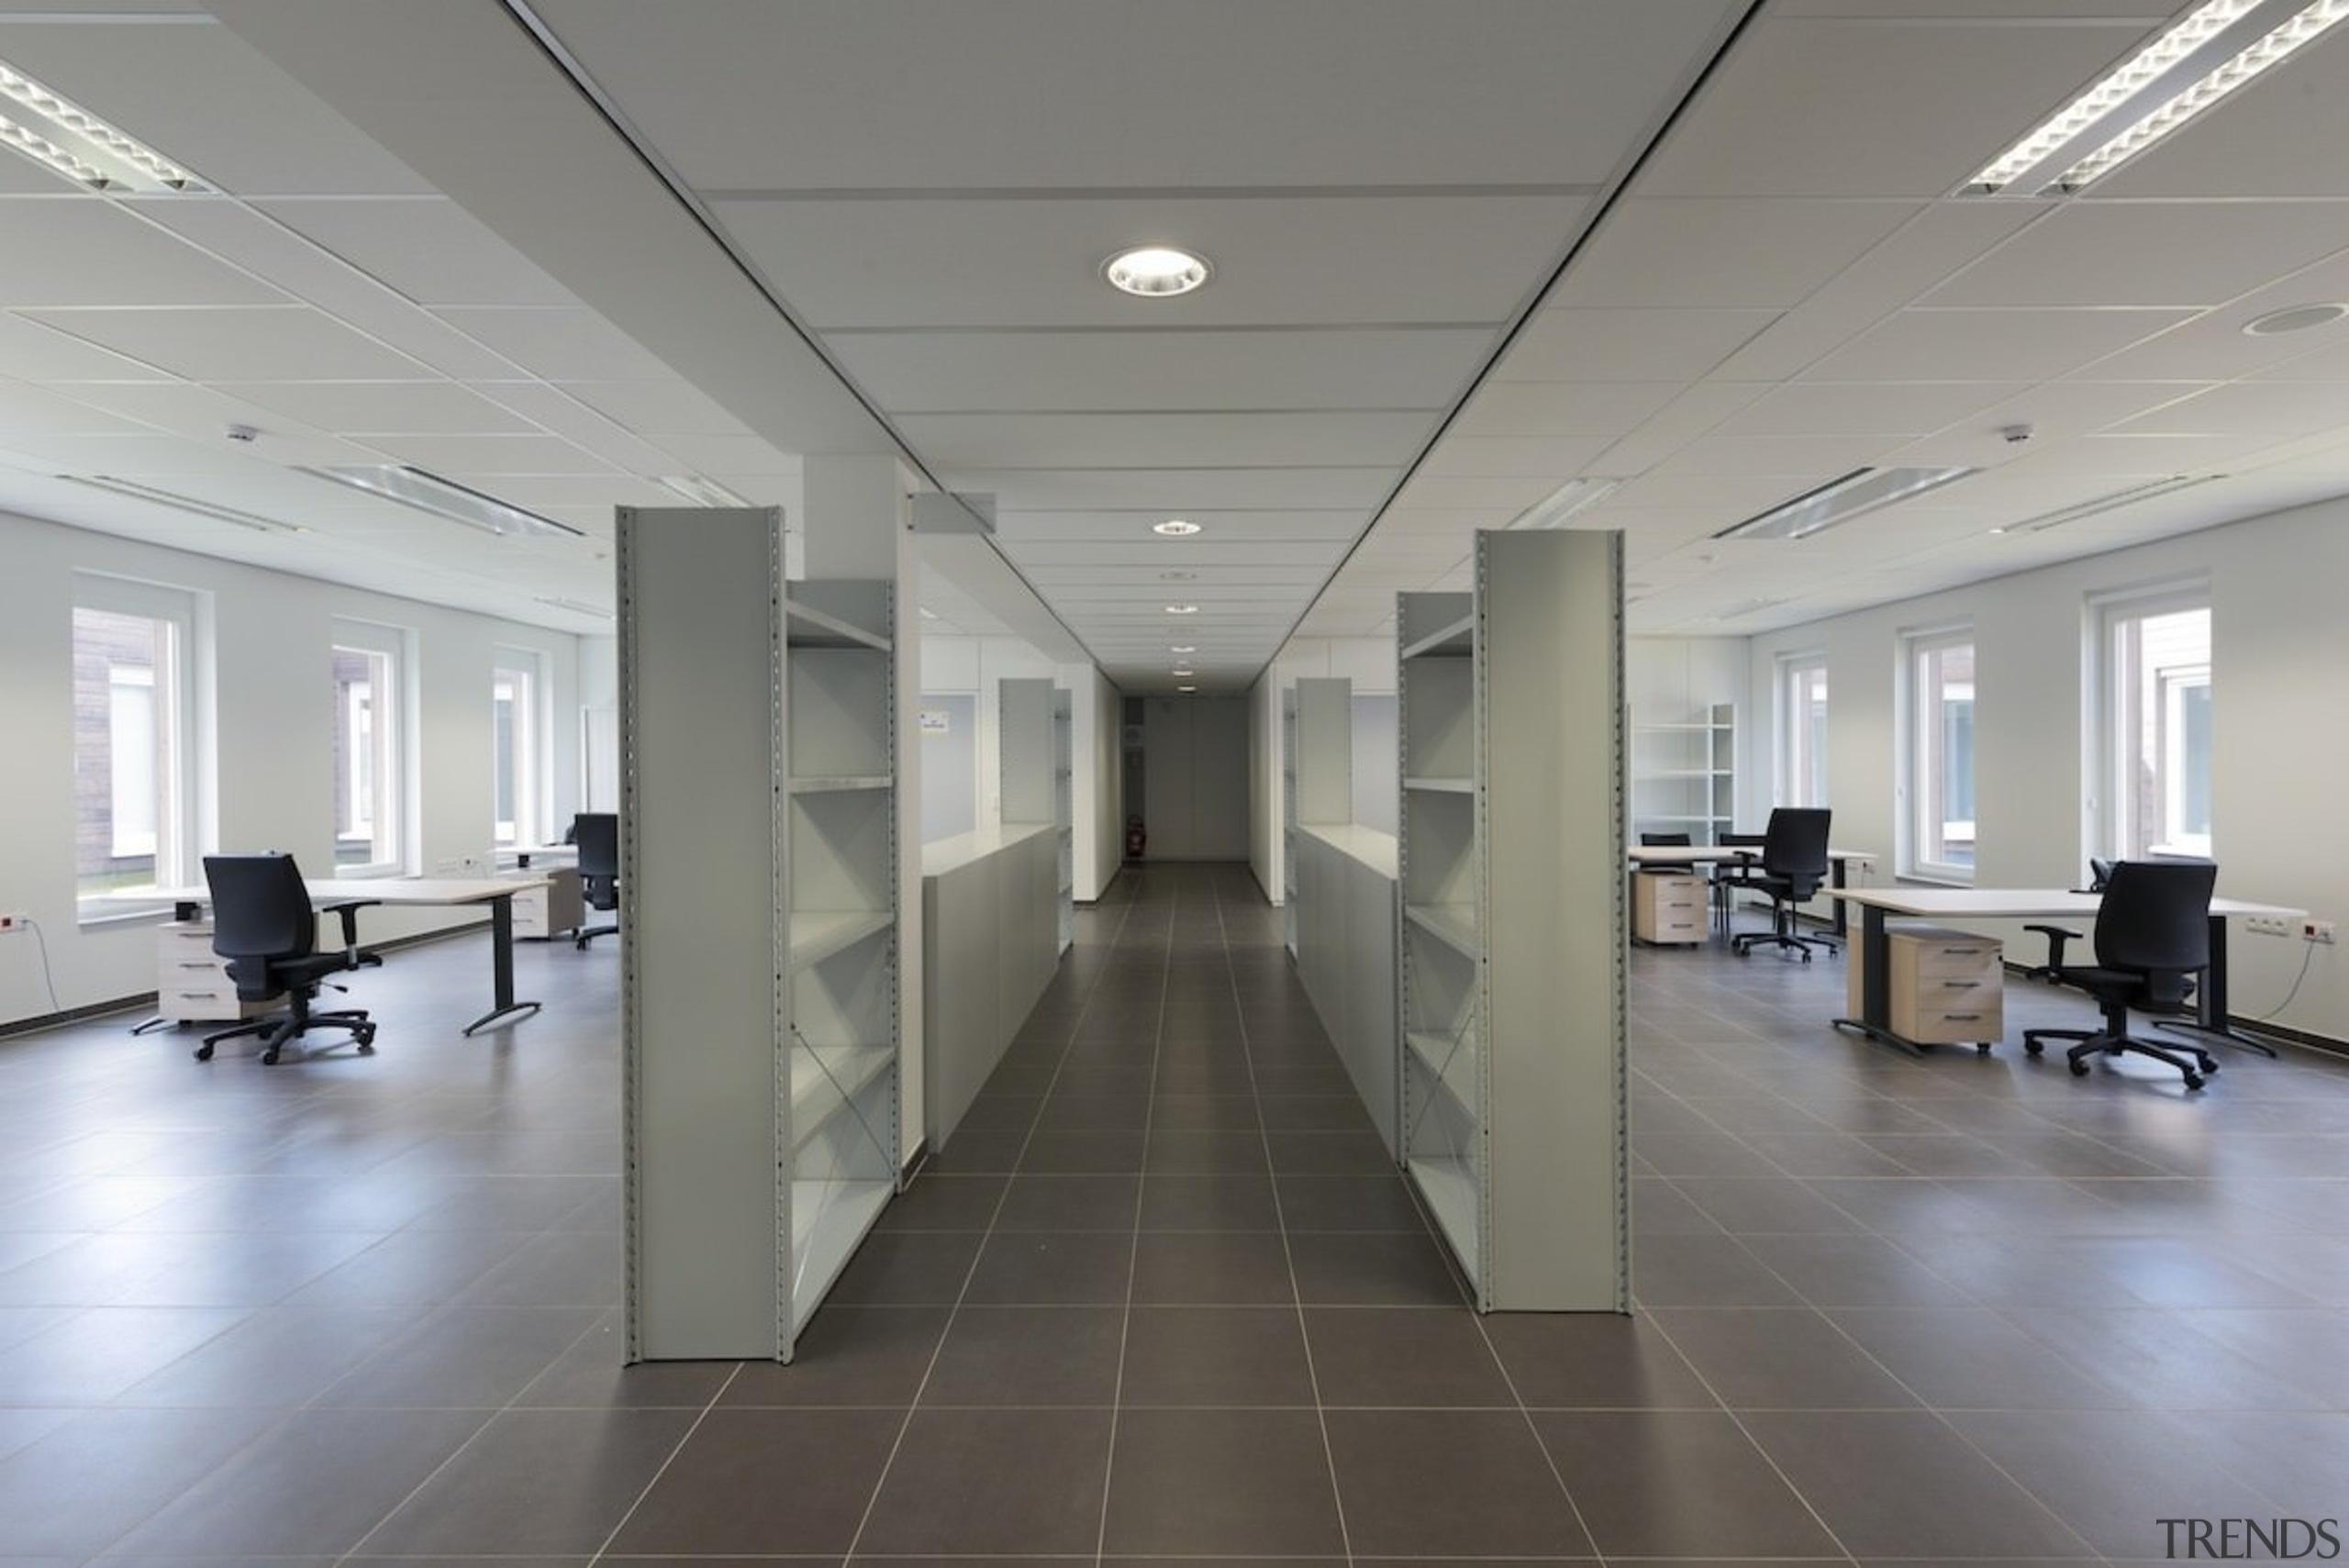 569 firestation - 569 firestation - ceiling | ceiling, floor, flooring, interior design, lobby, office, gray